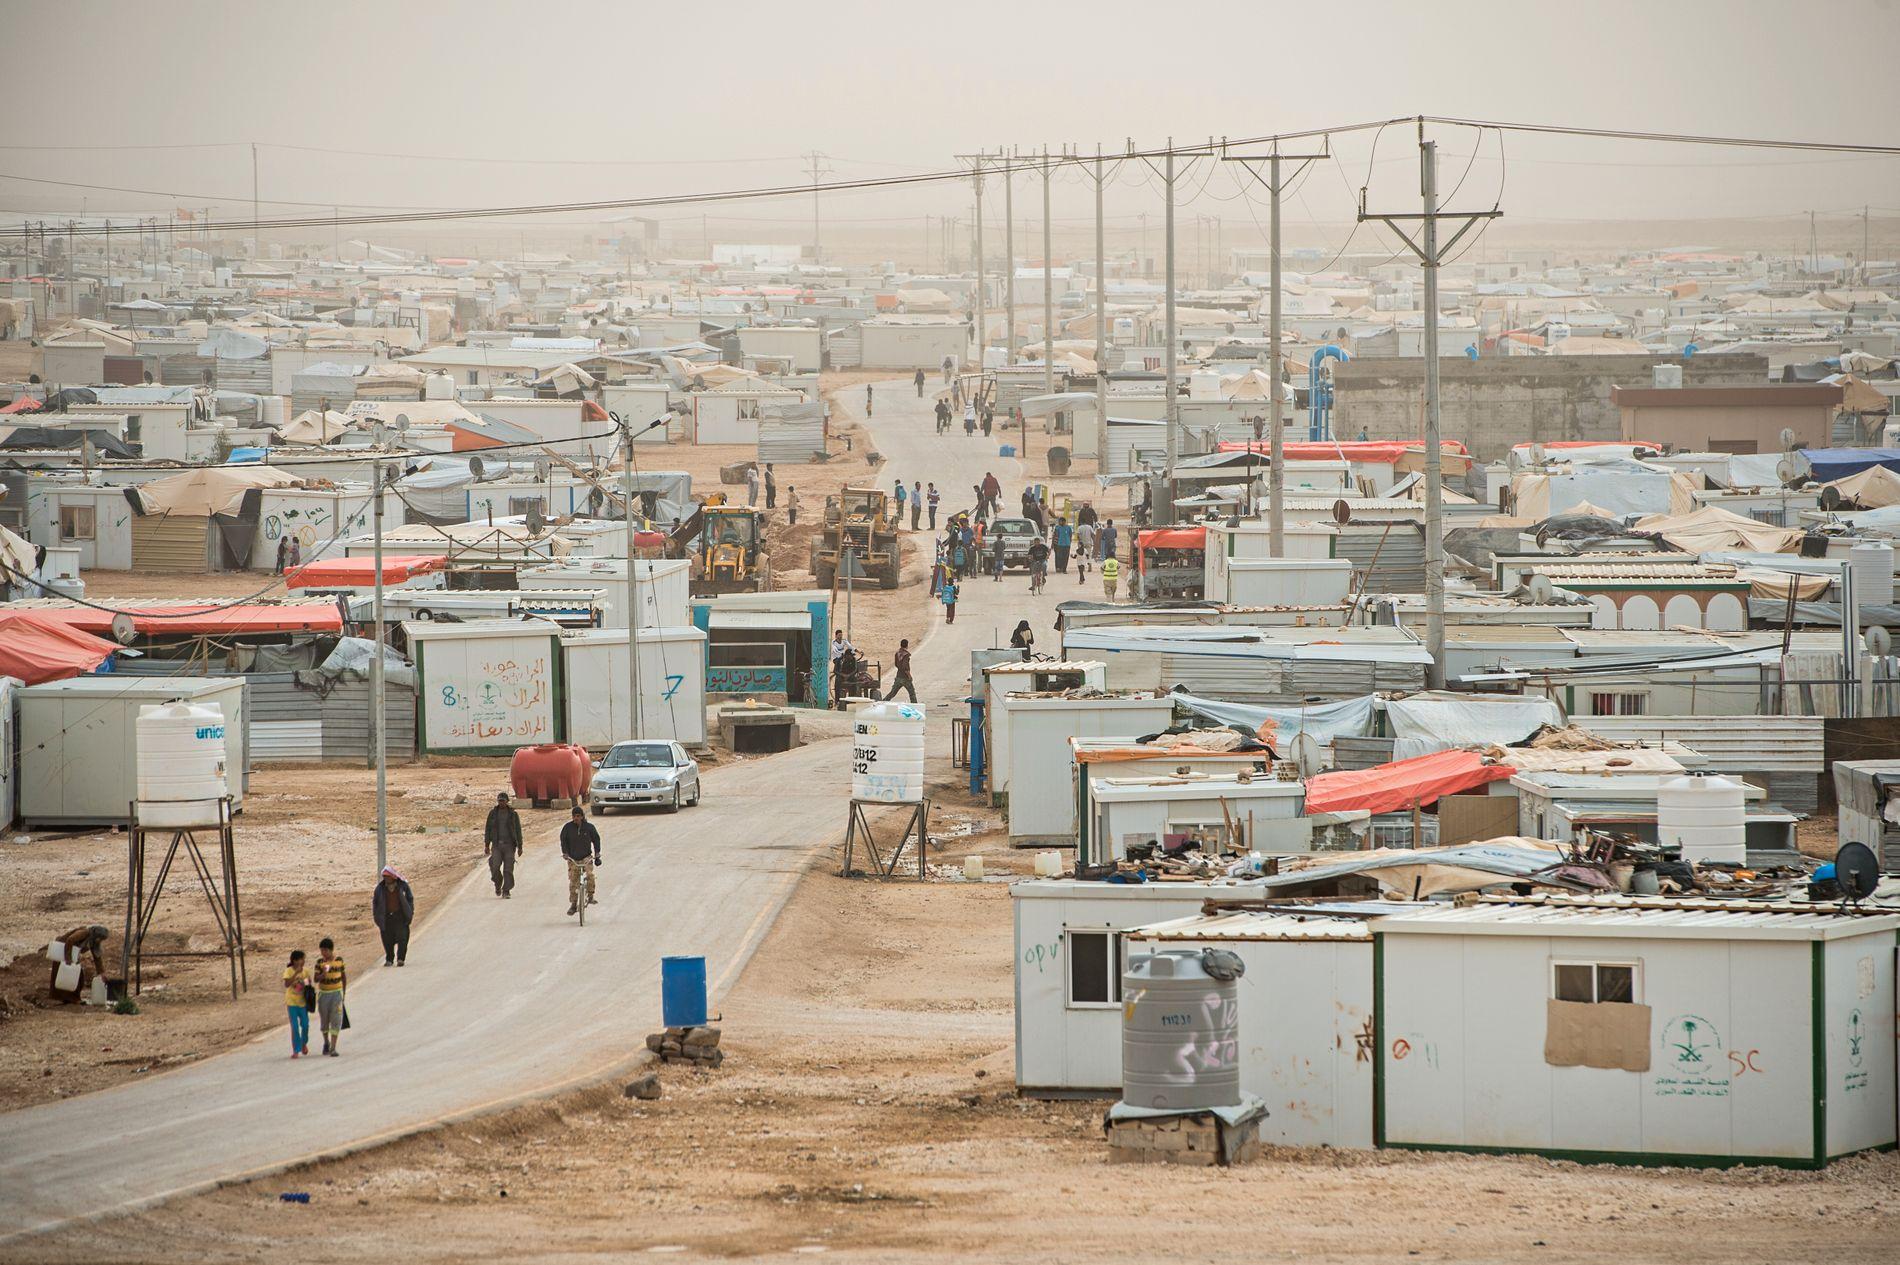 VIDARE OG VAGARE: Asylinstituttet er viktig. Retten til vern må vernast. Men definisjonen av flyktning har endra seg. Han har blitt vidare og vagare. Er det nok med eit håplaust liv utan framtidsvoner, spør kronikkforfattaren. Biletet er frå Zaatari flyktningleir i Jordan. Arkivfoto: Jarle Aasland